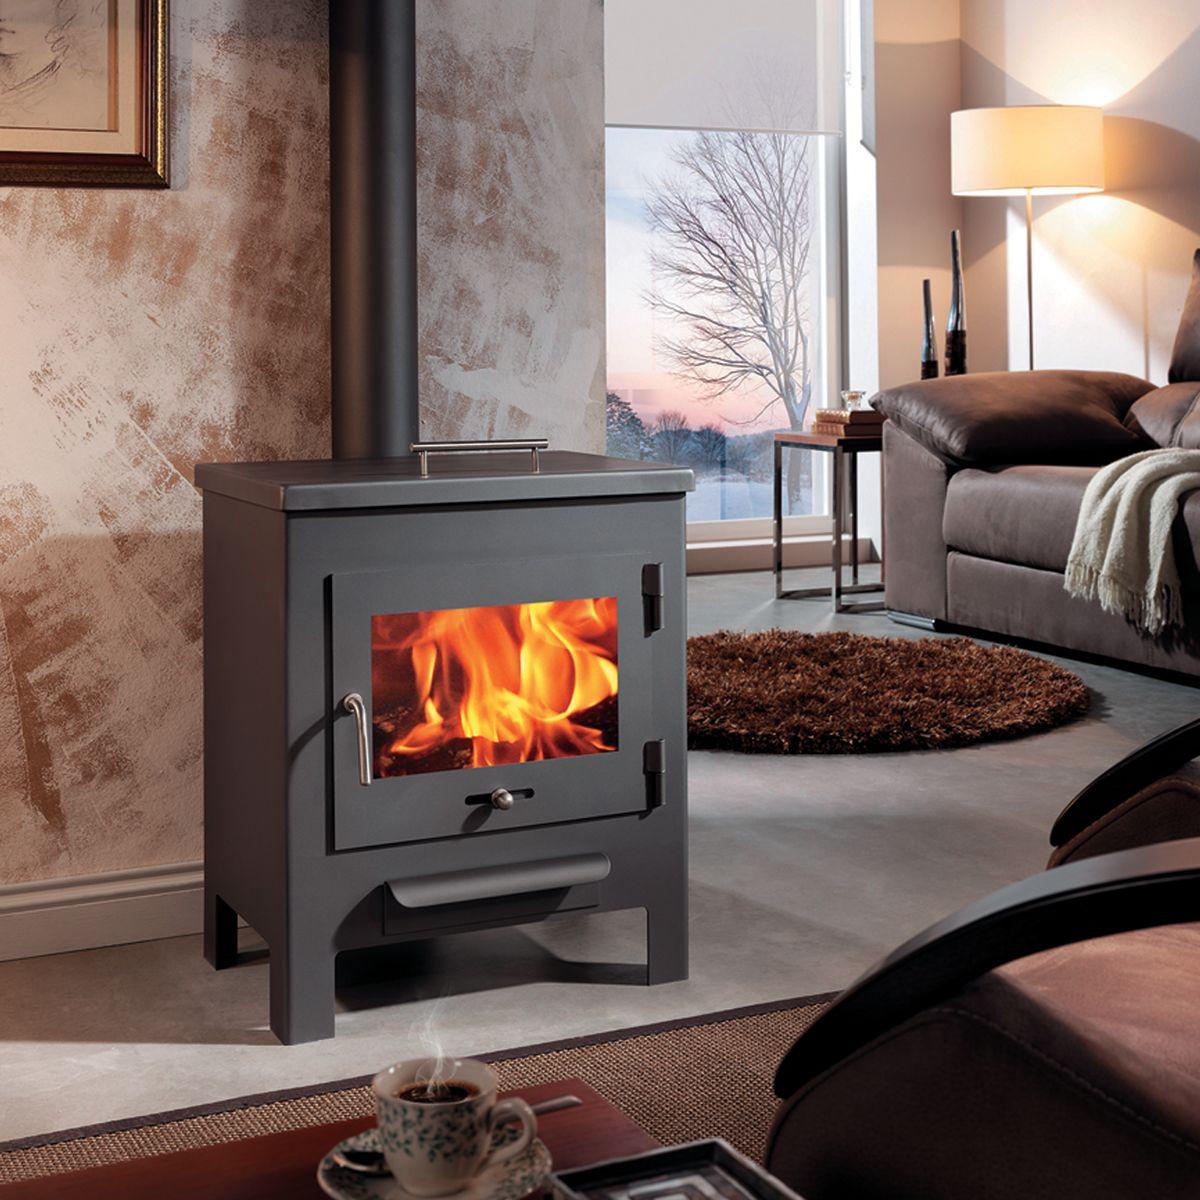 Stufe a pellet per termosifoni prezzi latest impianto di domestico per acqua calda sanitaria - Stufe a pellet termosifoni ...